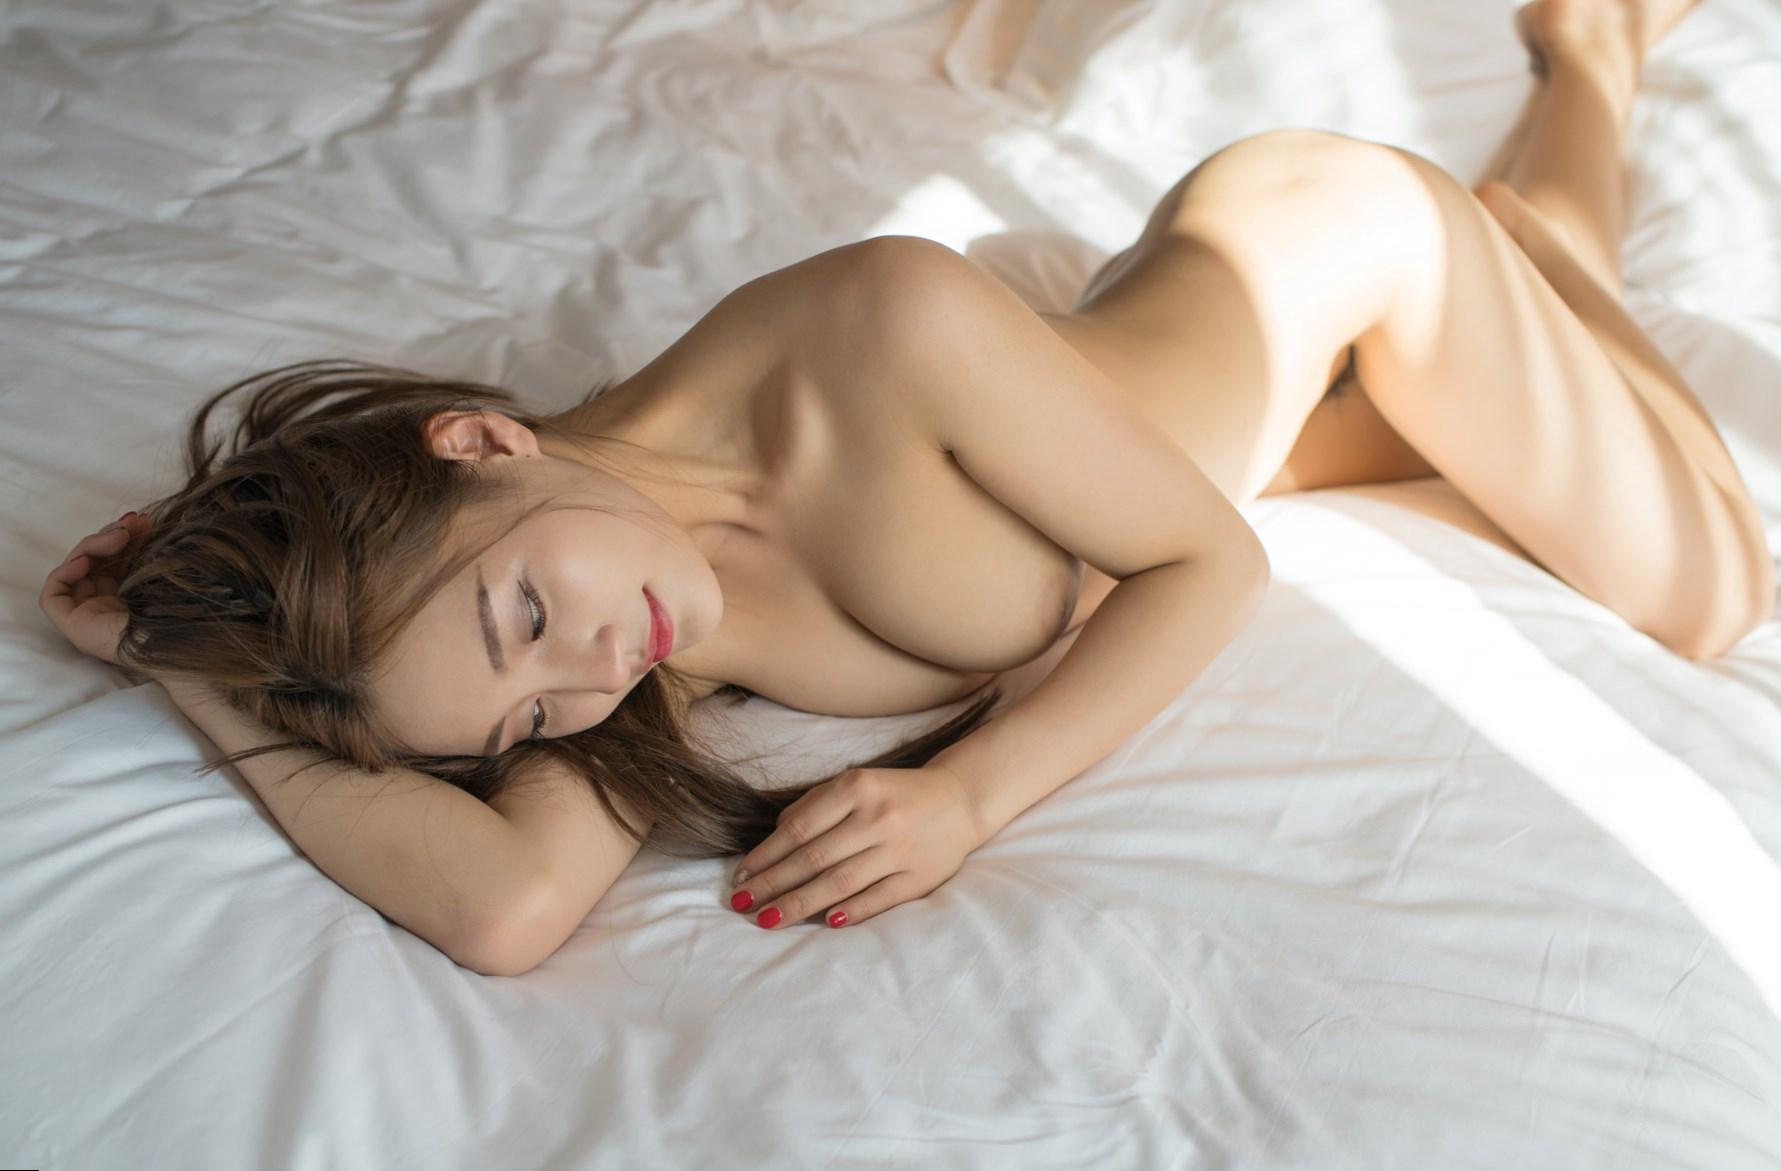 galerei-erotiki